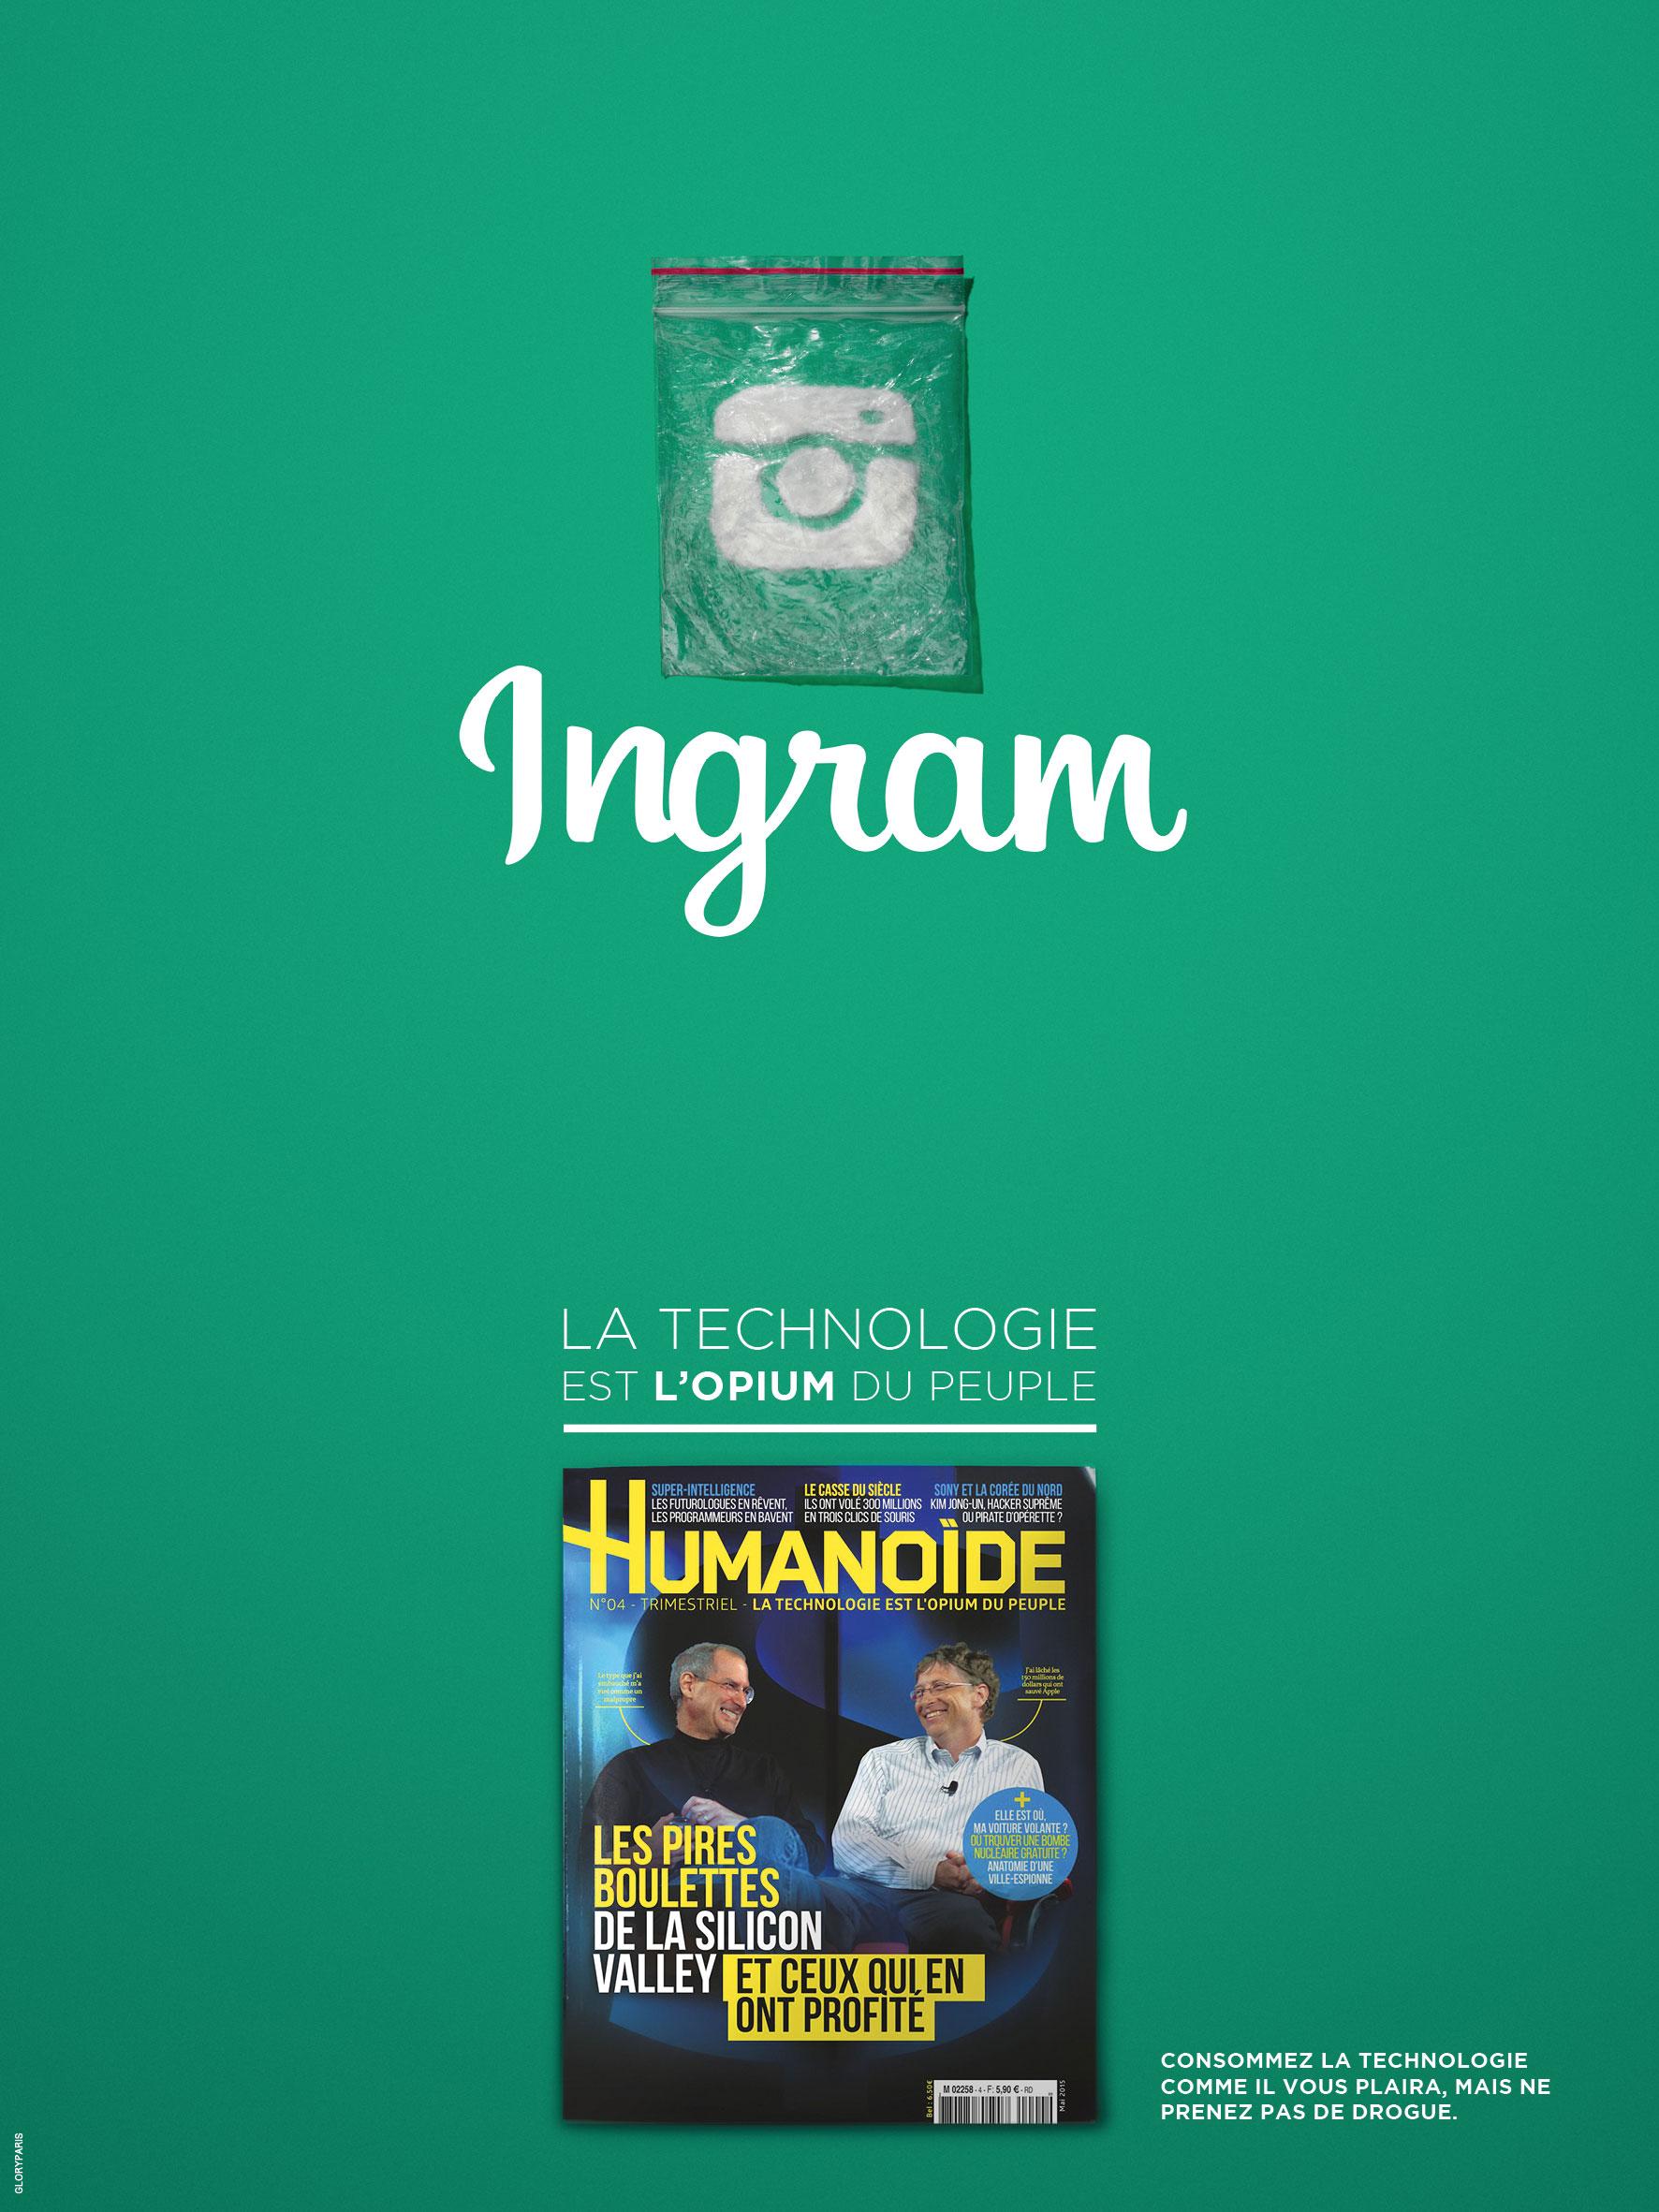 dans-ta-pub-humanoide-print-publicité-affiche-technologie-web-drogue-addiction-digital-3